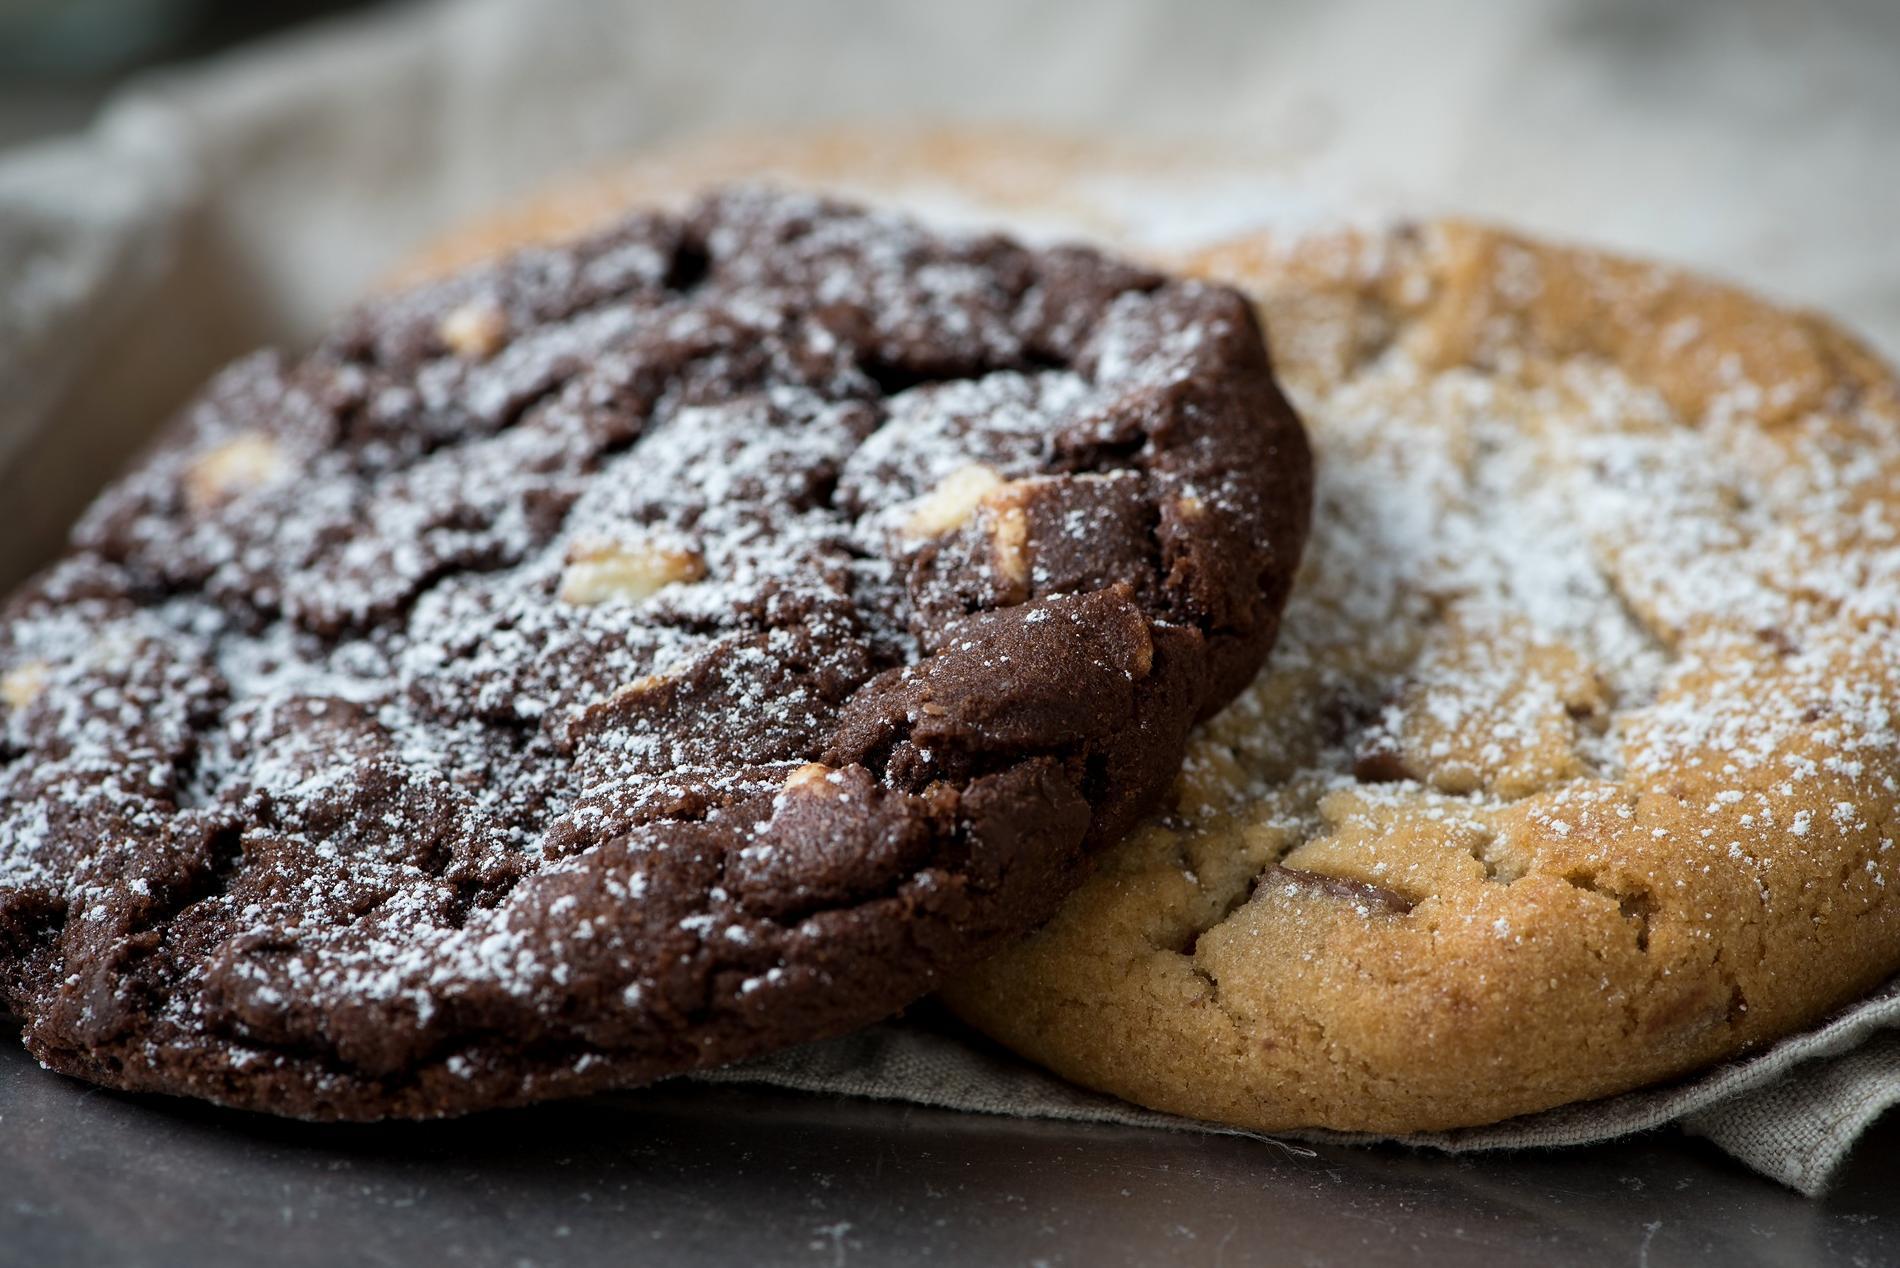 Image libre chocolat maison nourriture sucrée sucre